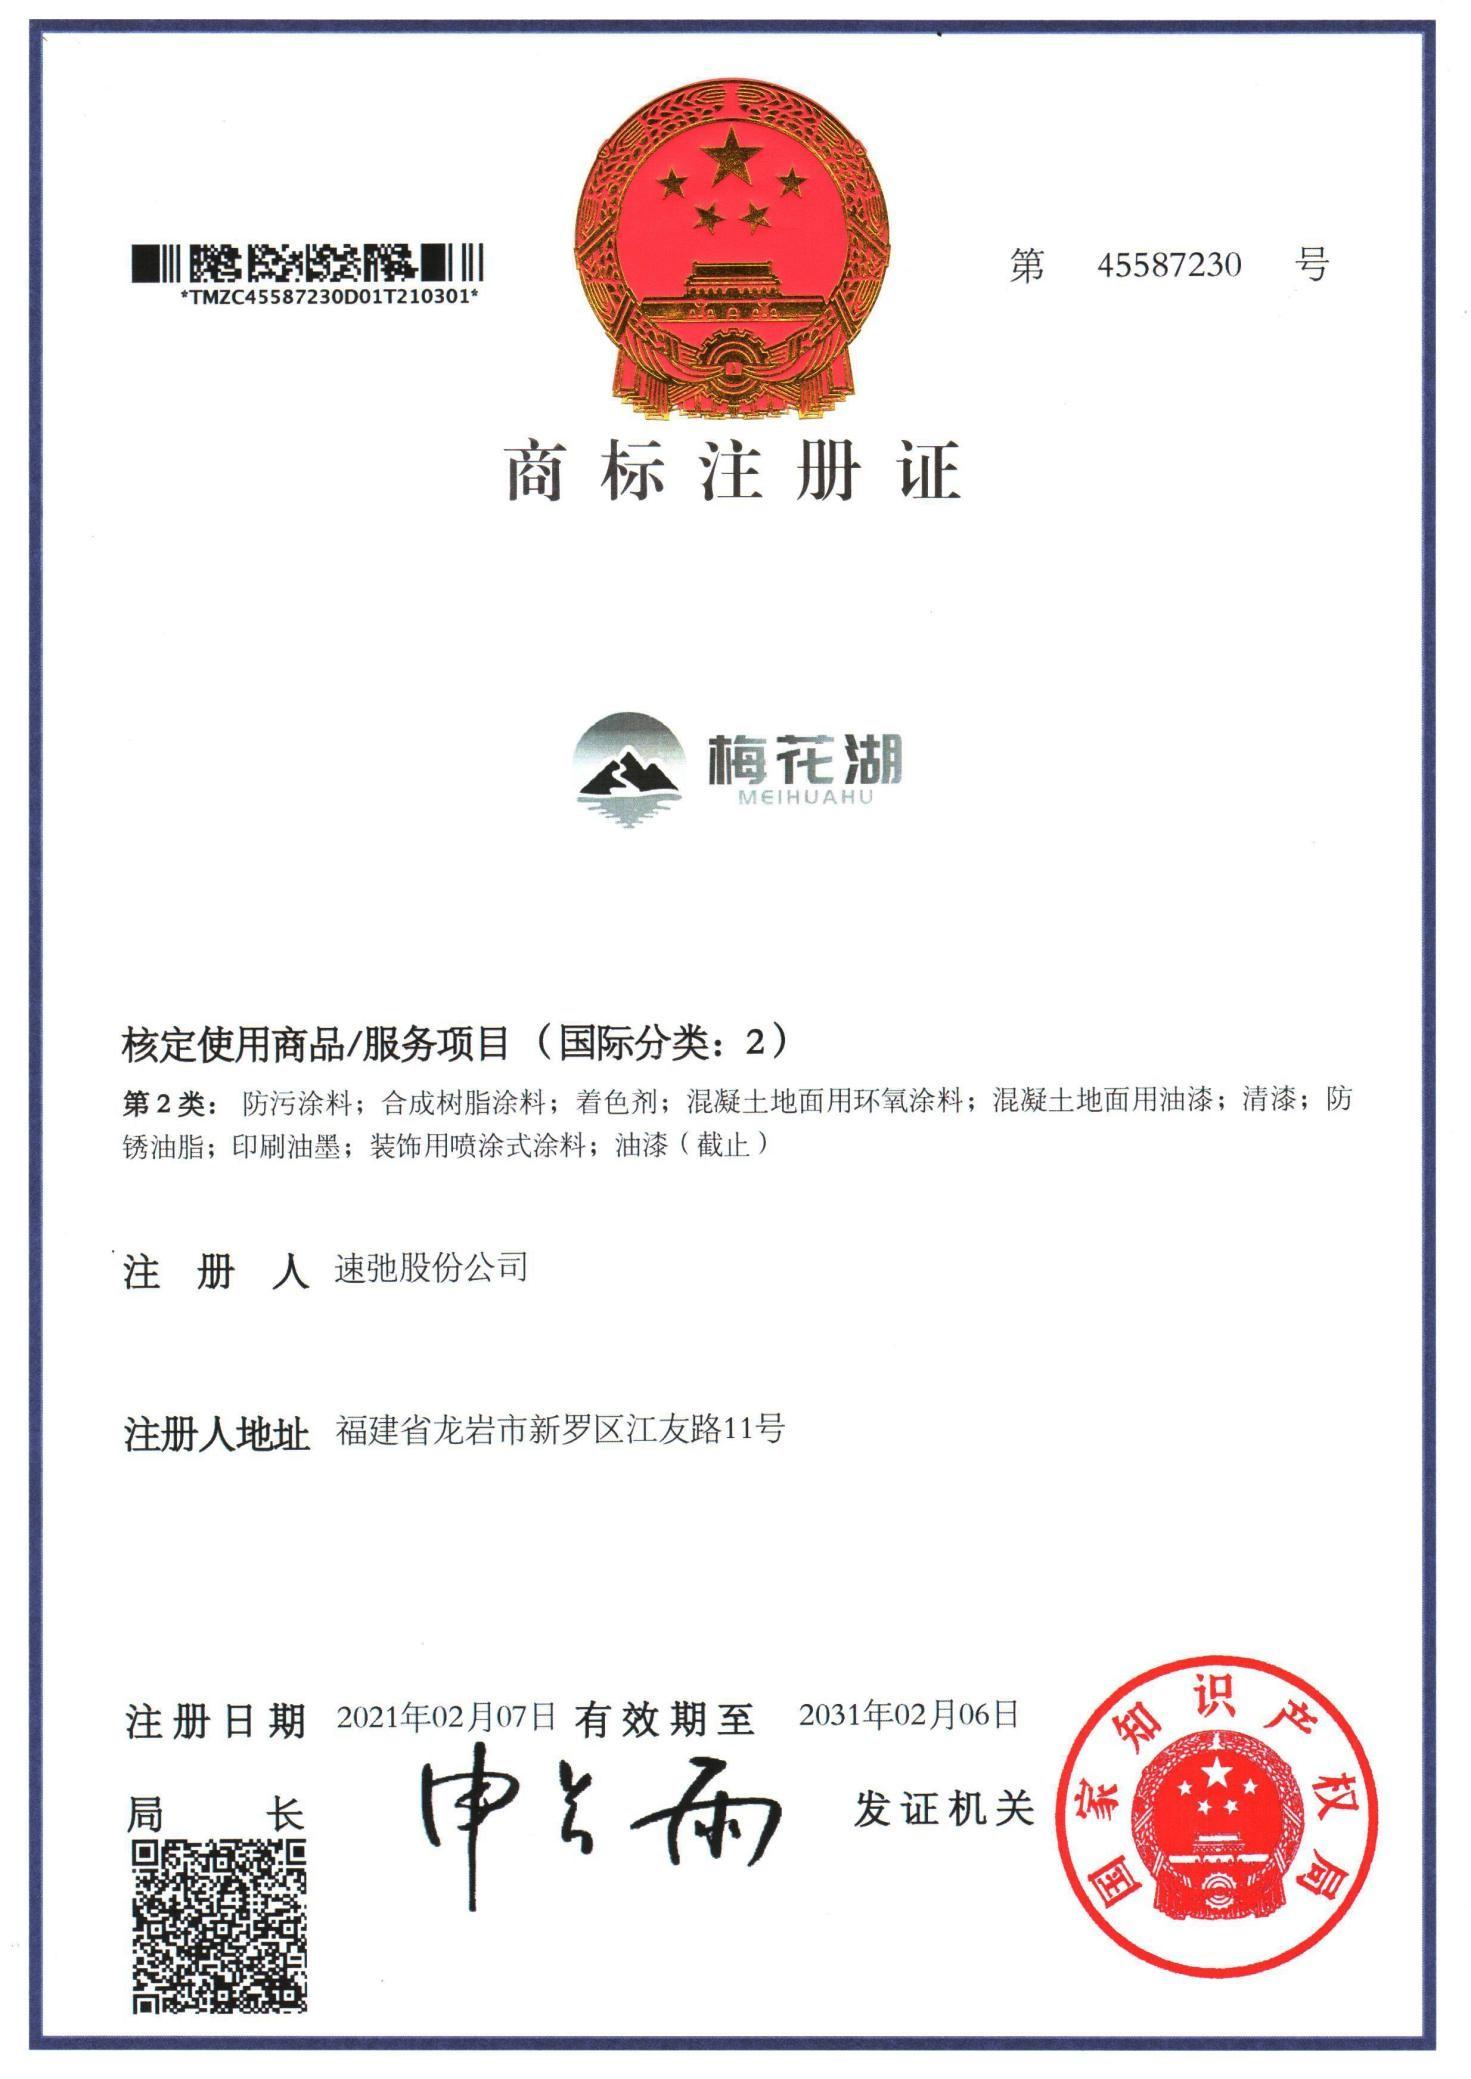 梅花湖牌商标证书